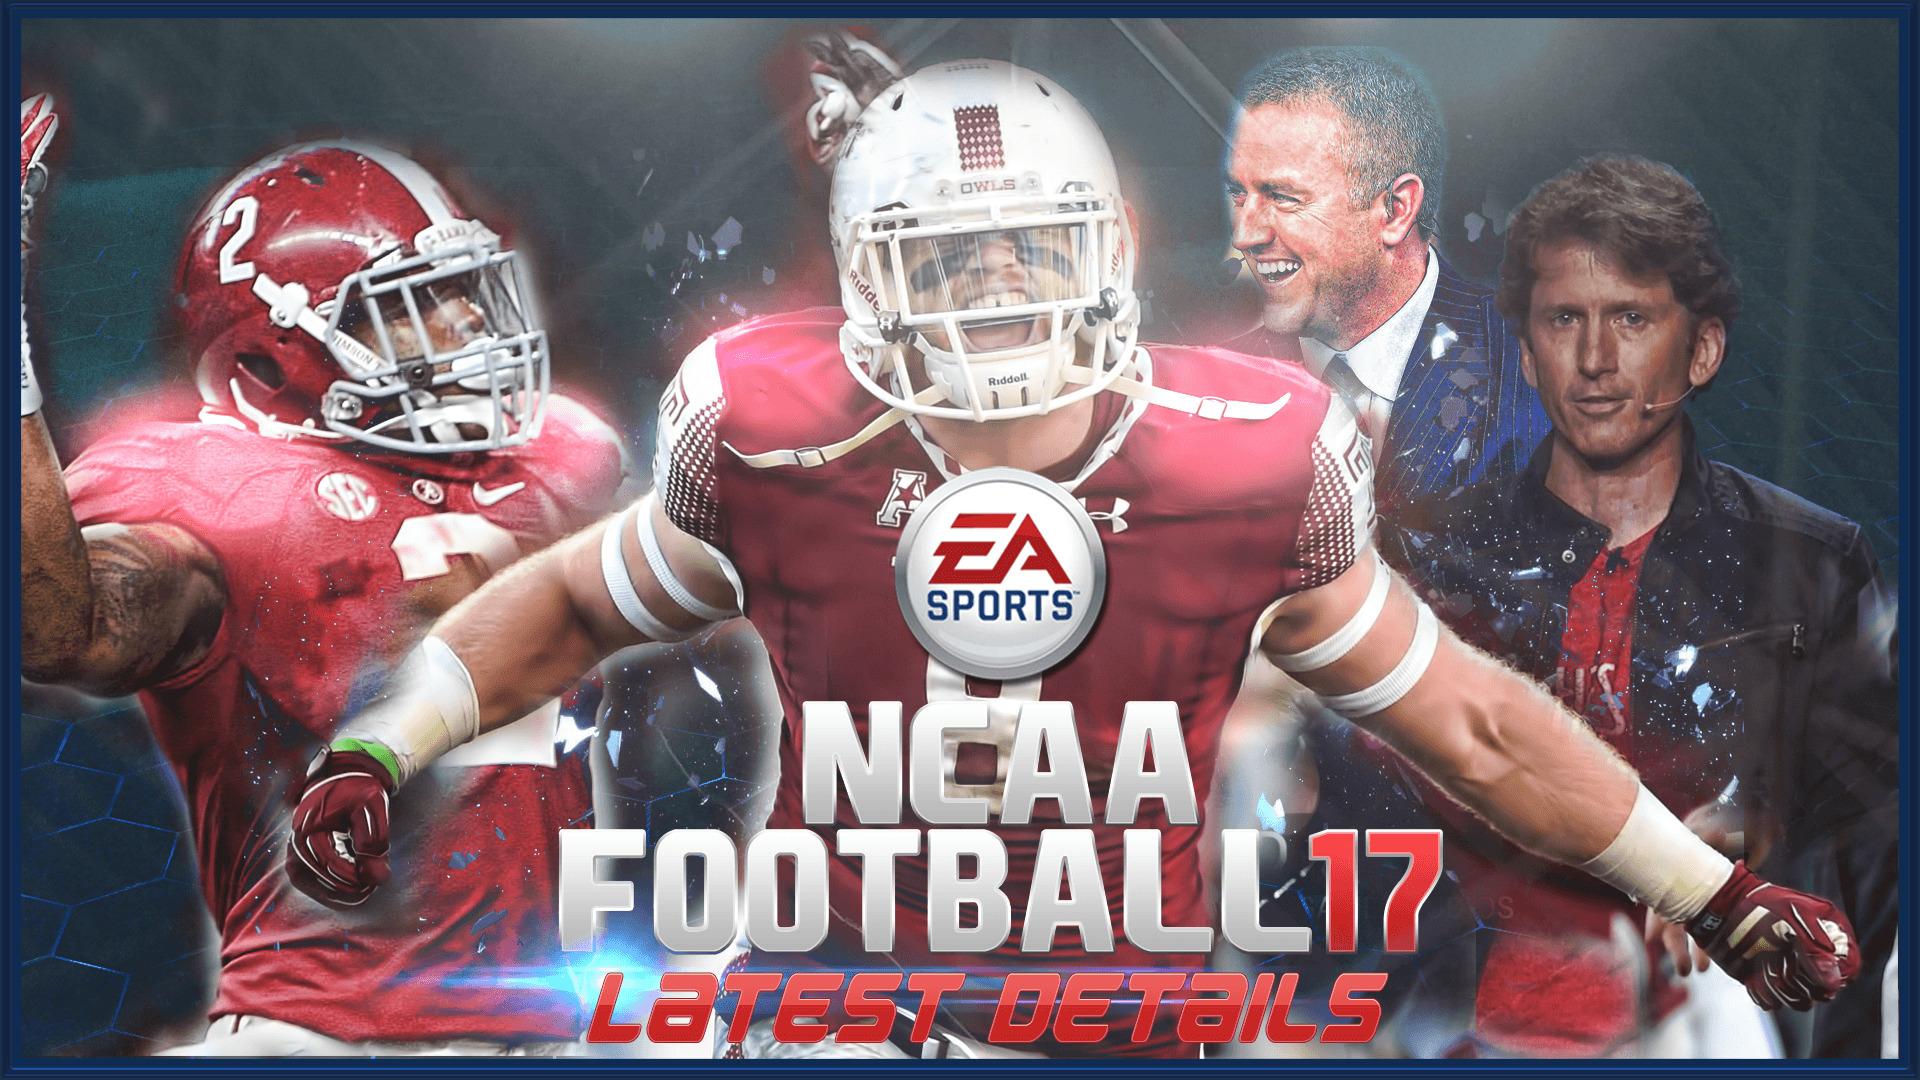 NCAA Football 17 Update update herbstreet howard